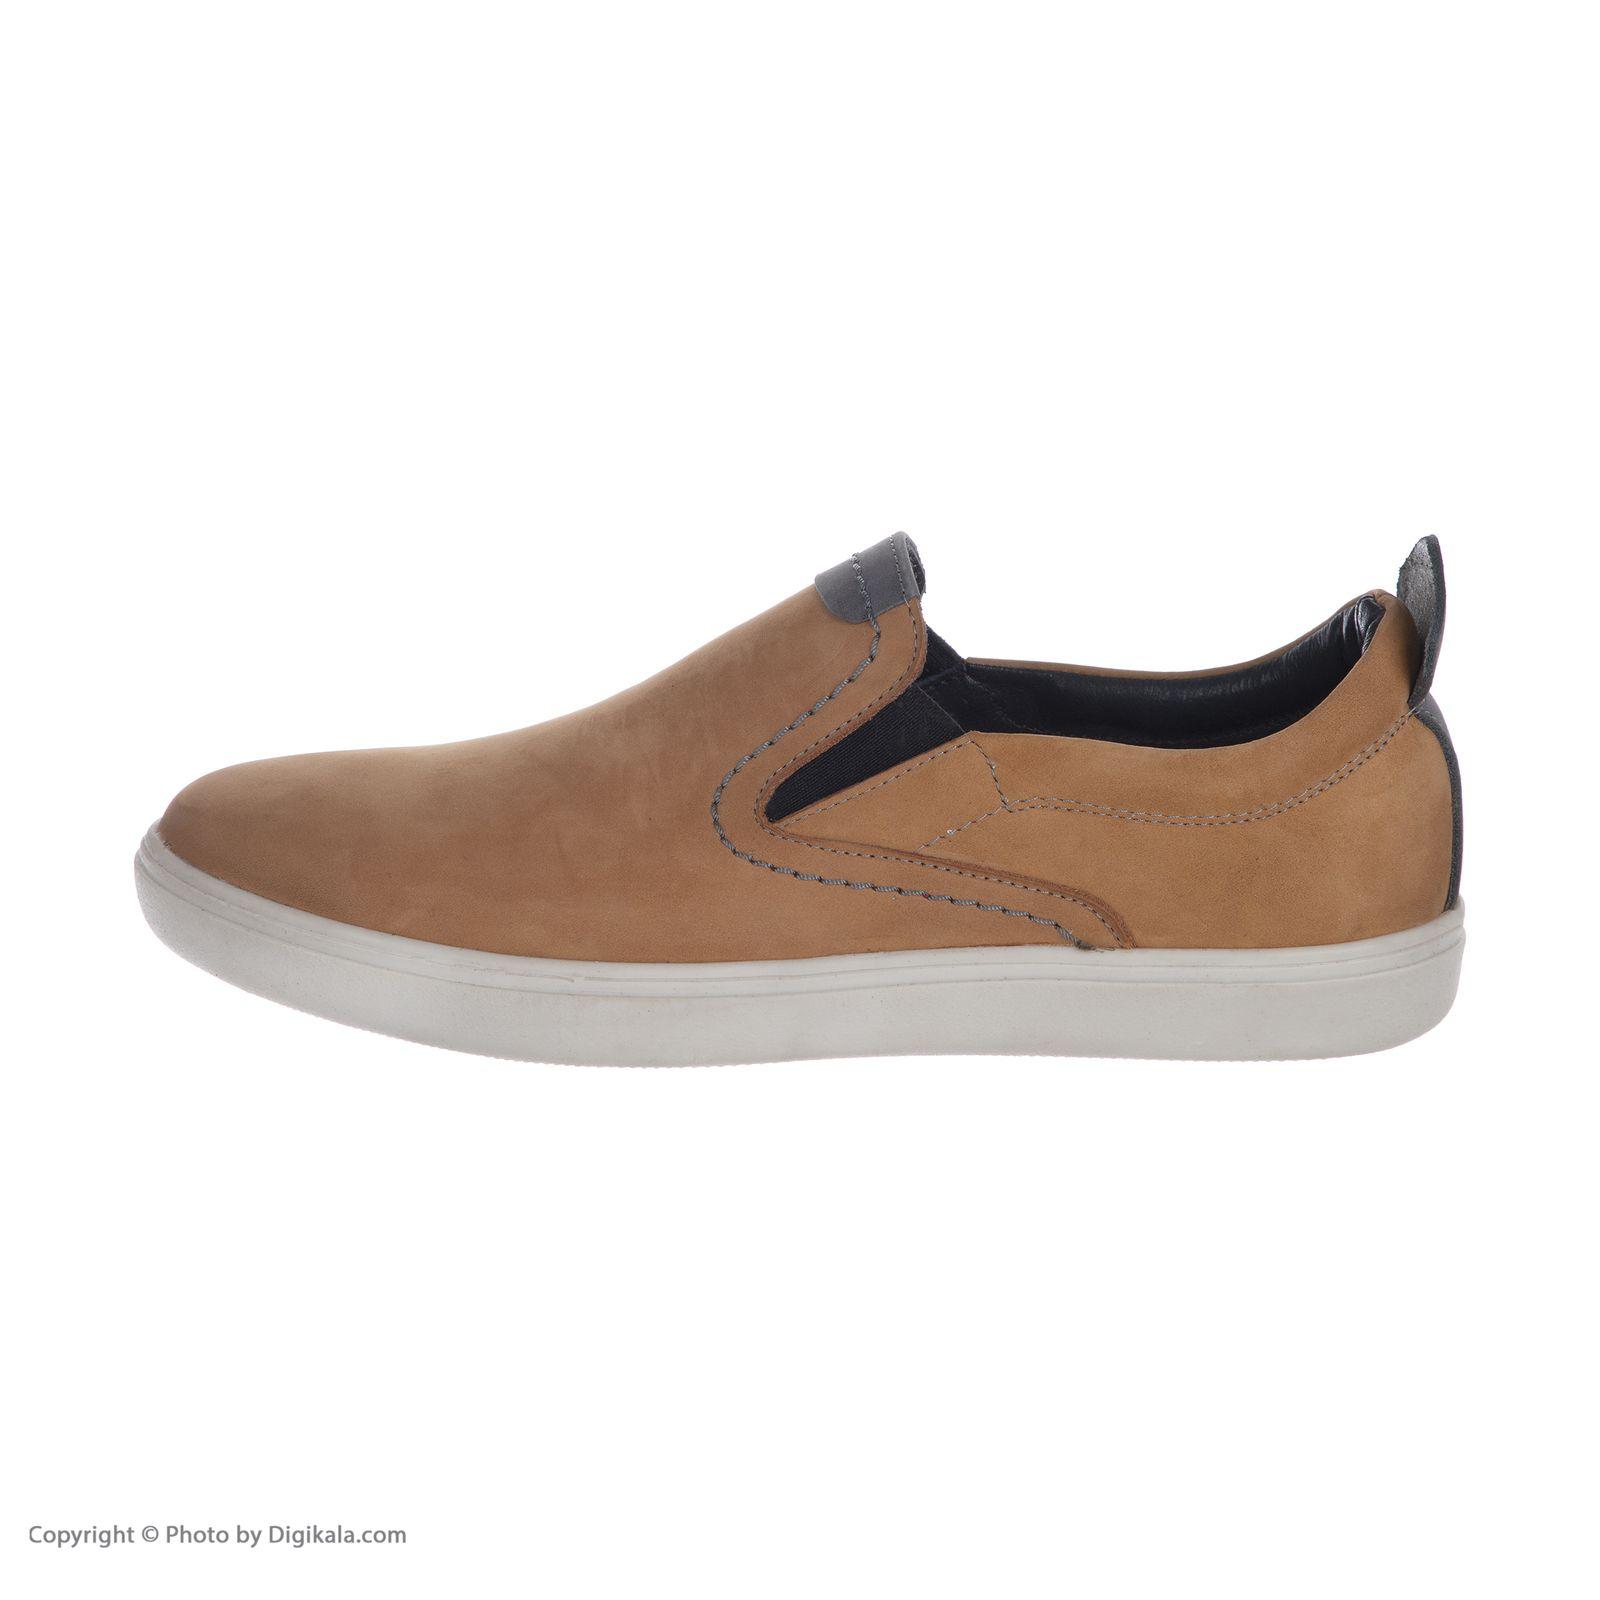 کفش روزمره مردانه دانادل مدل 8613A503136 -  - 1